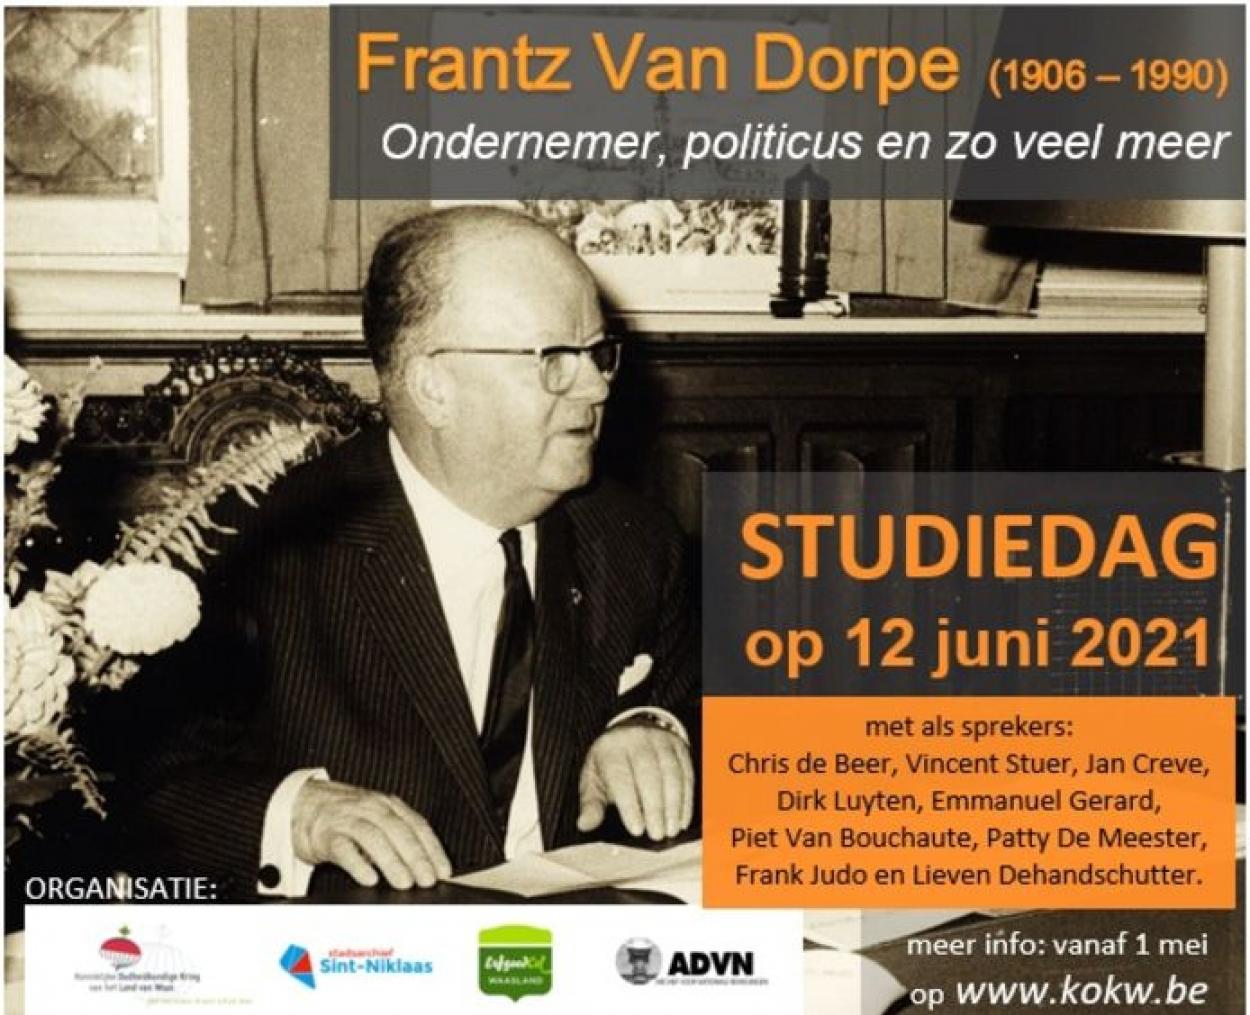 frantz-van-dorpe-studiedag.jpg